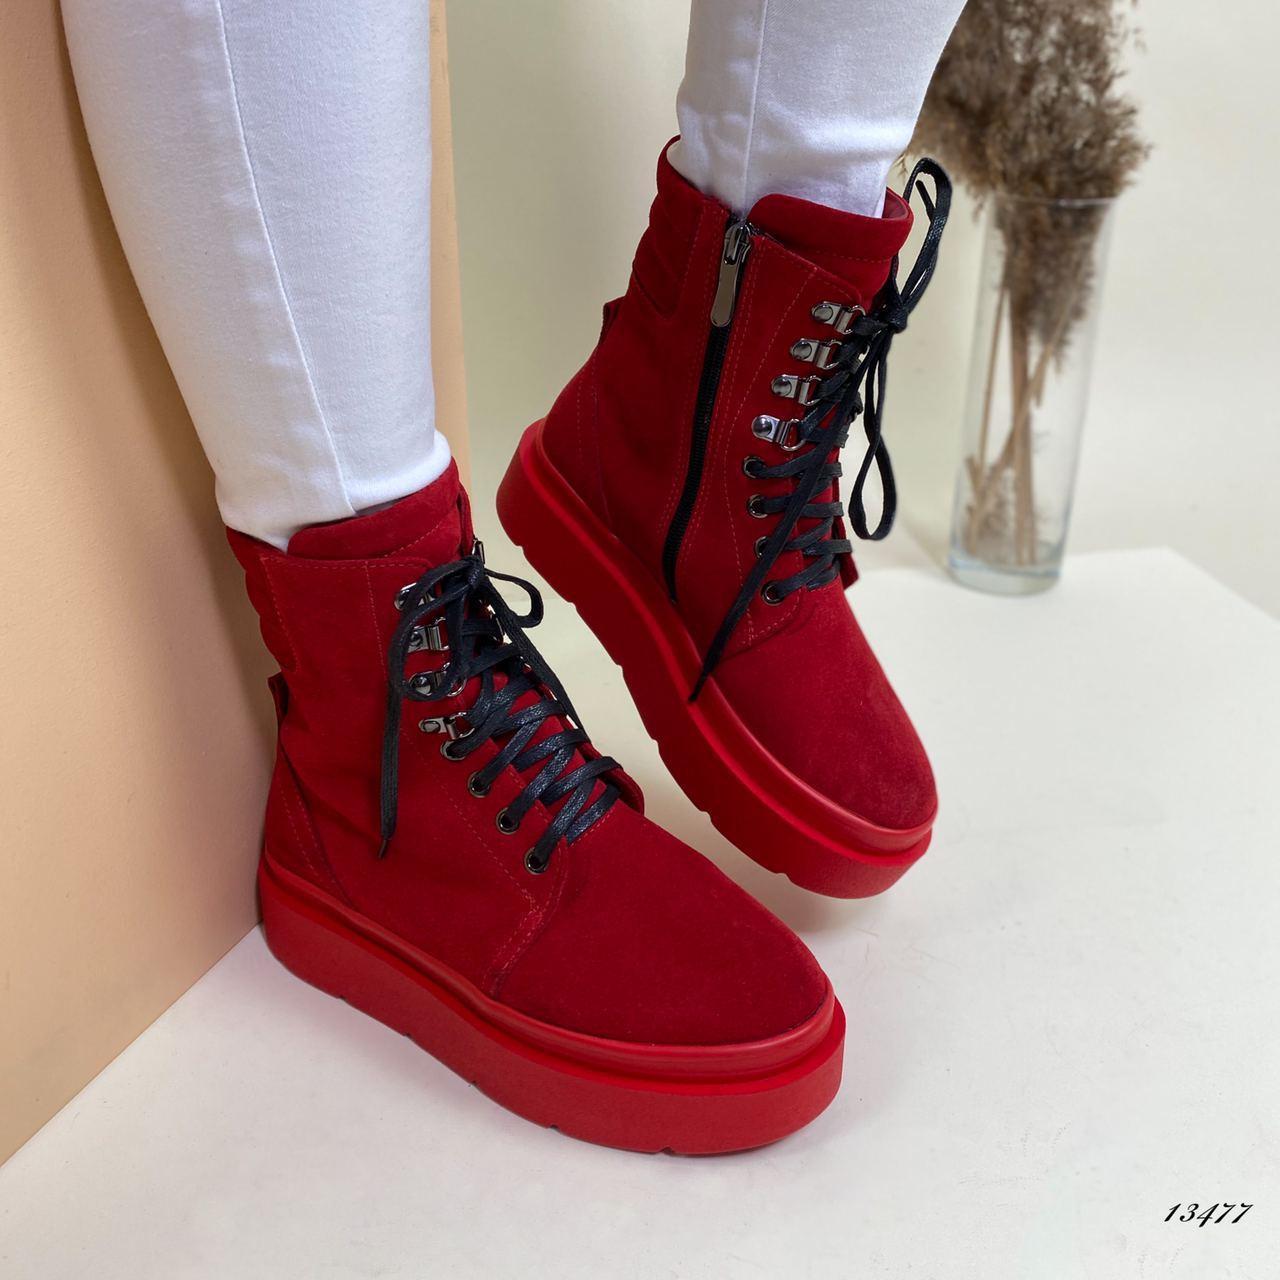 Ботинки женские высокие красные